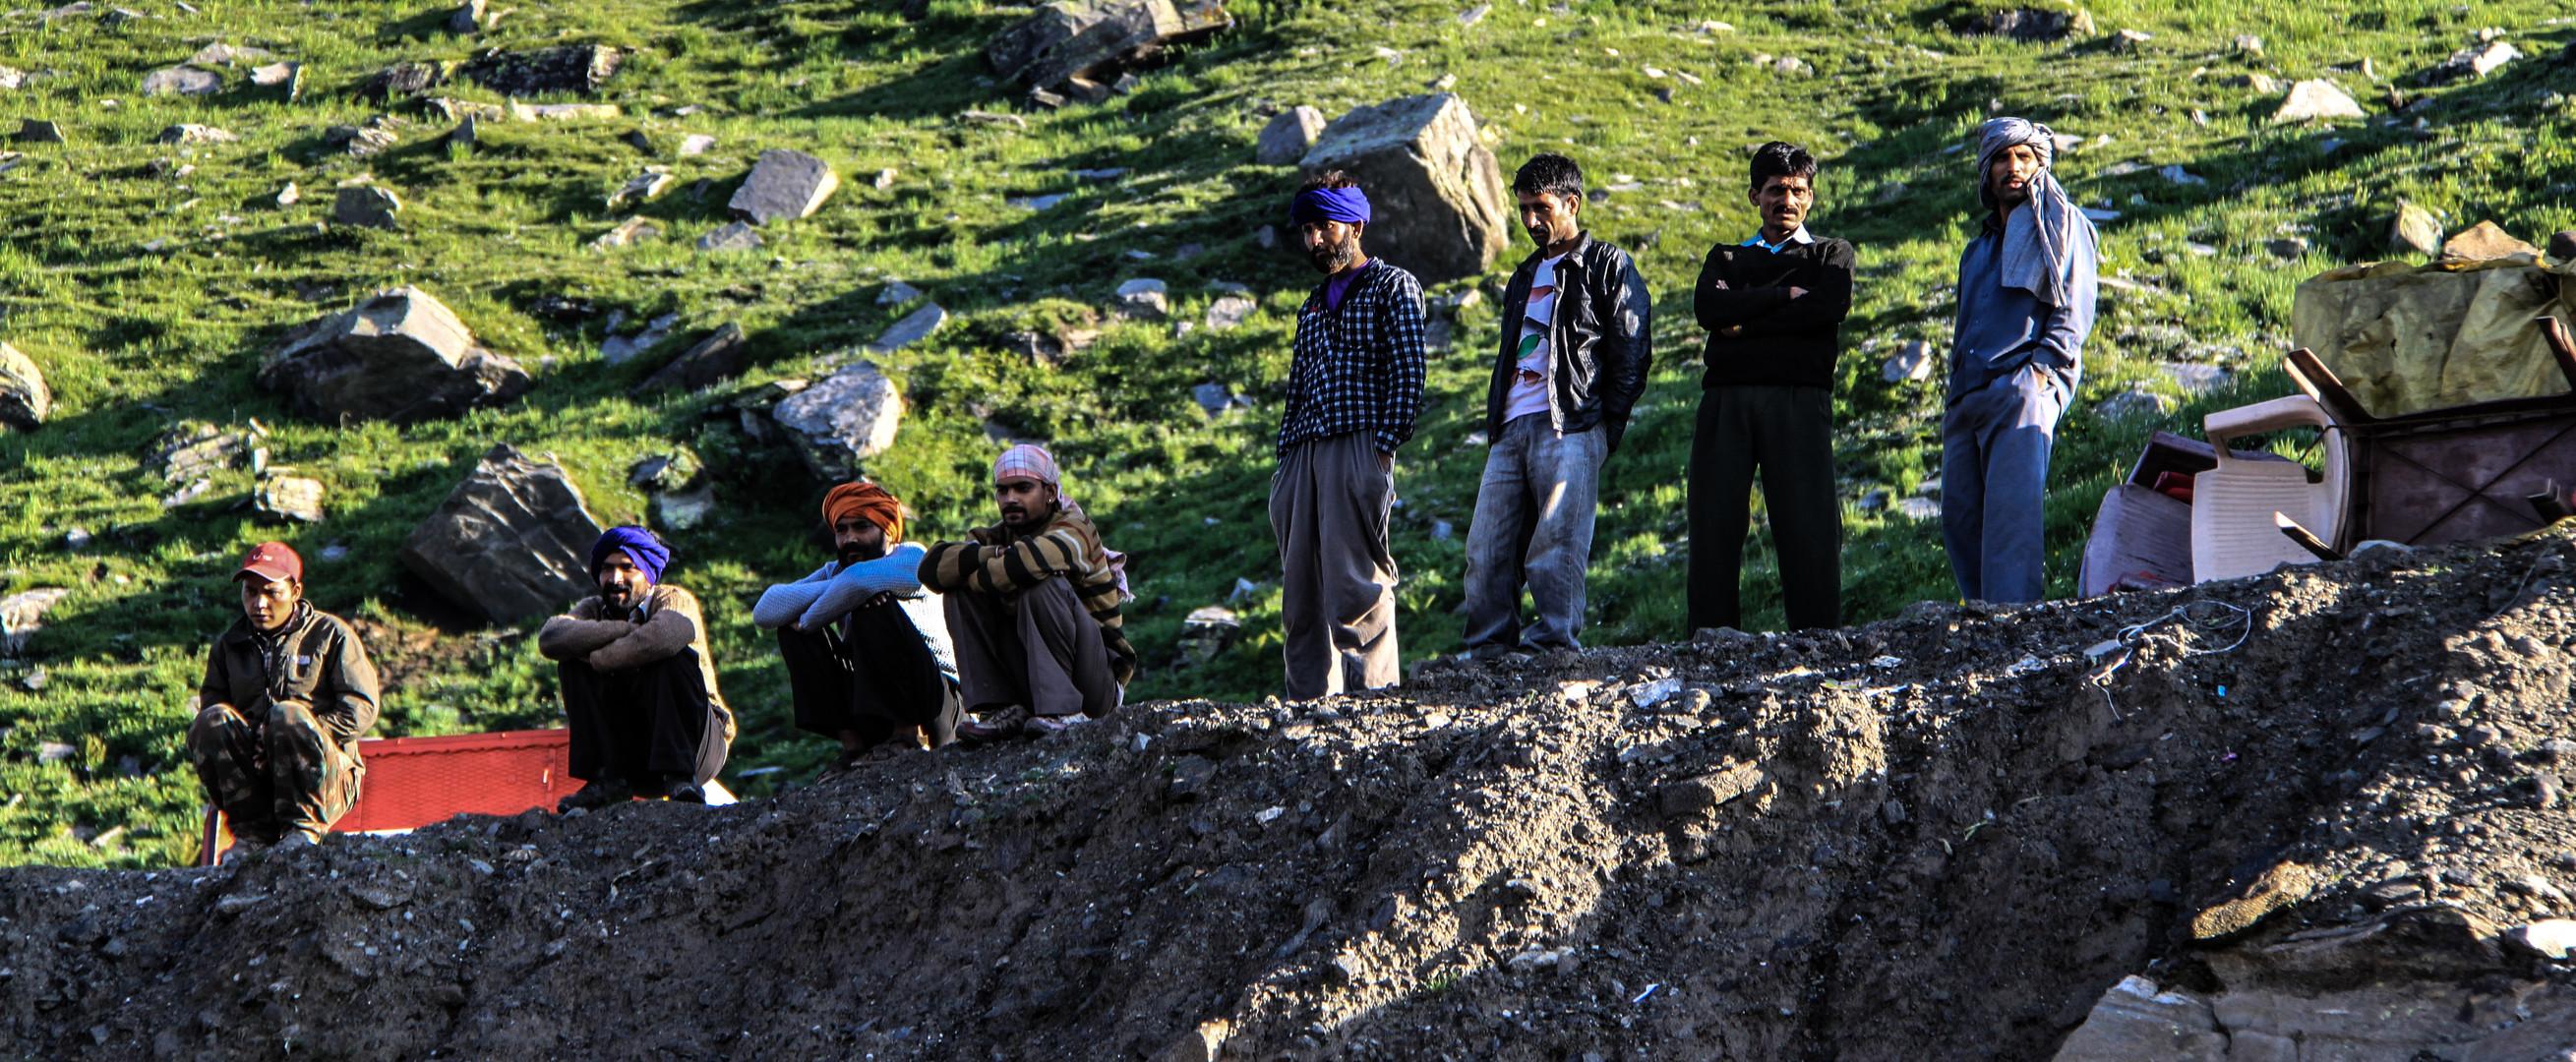 Gesichter Ladakhs (5)